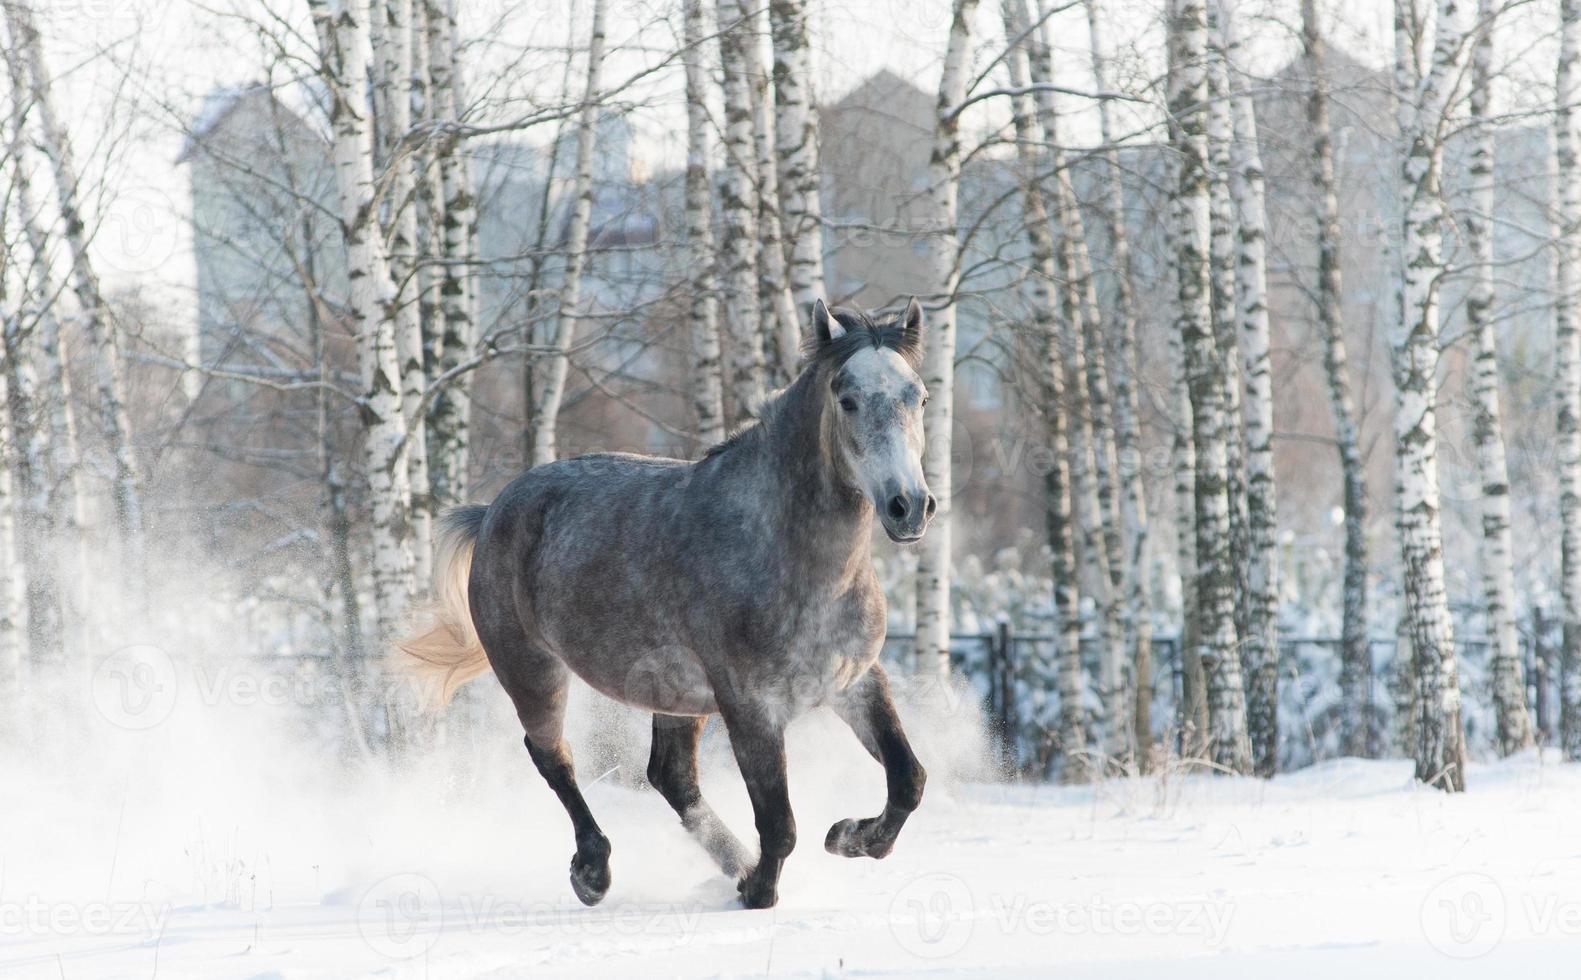 cavalo cinza correndo no inverno foto